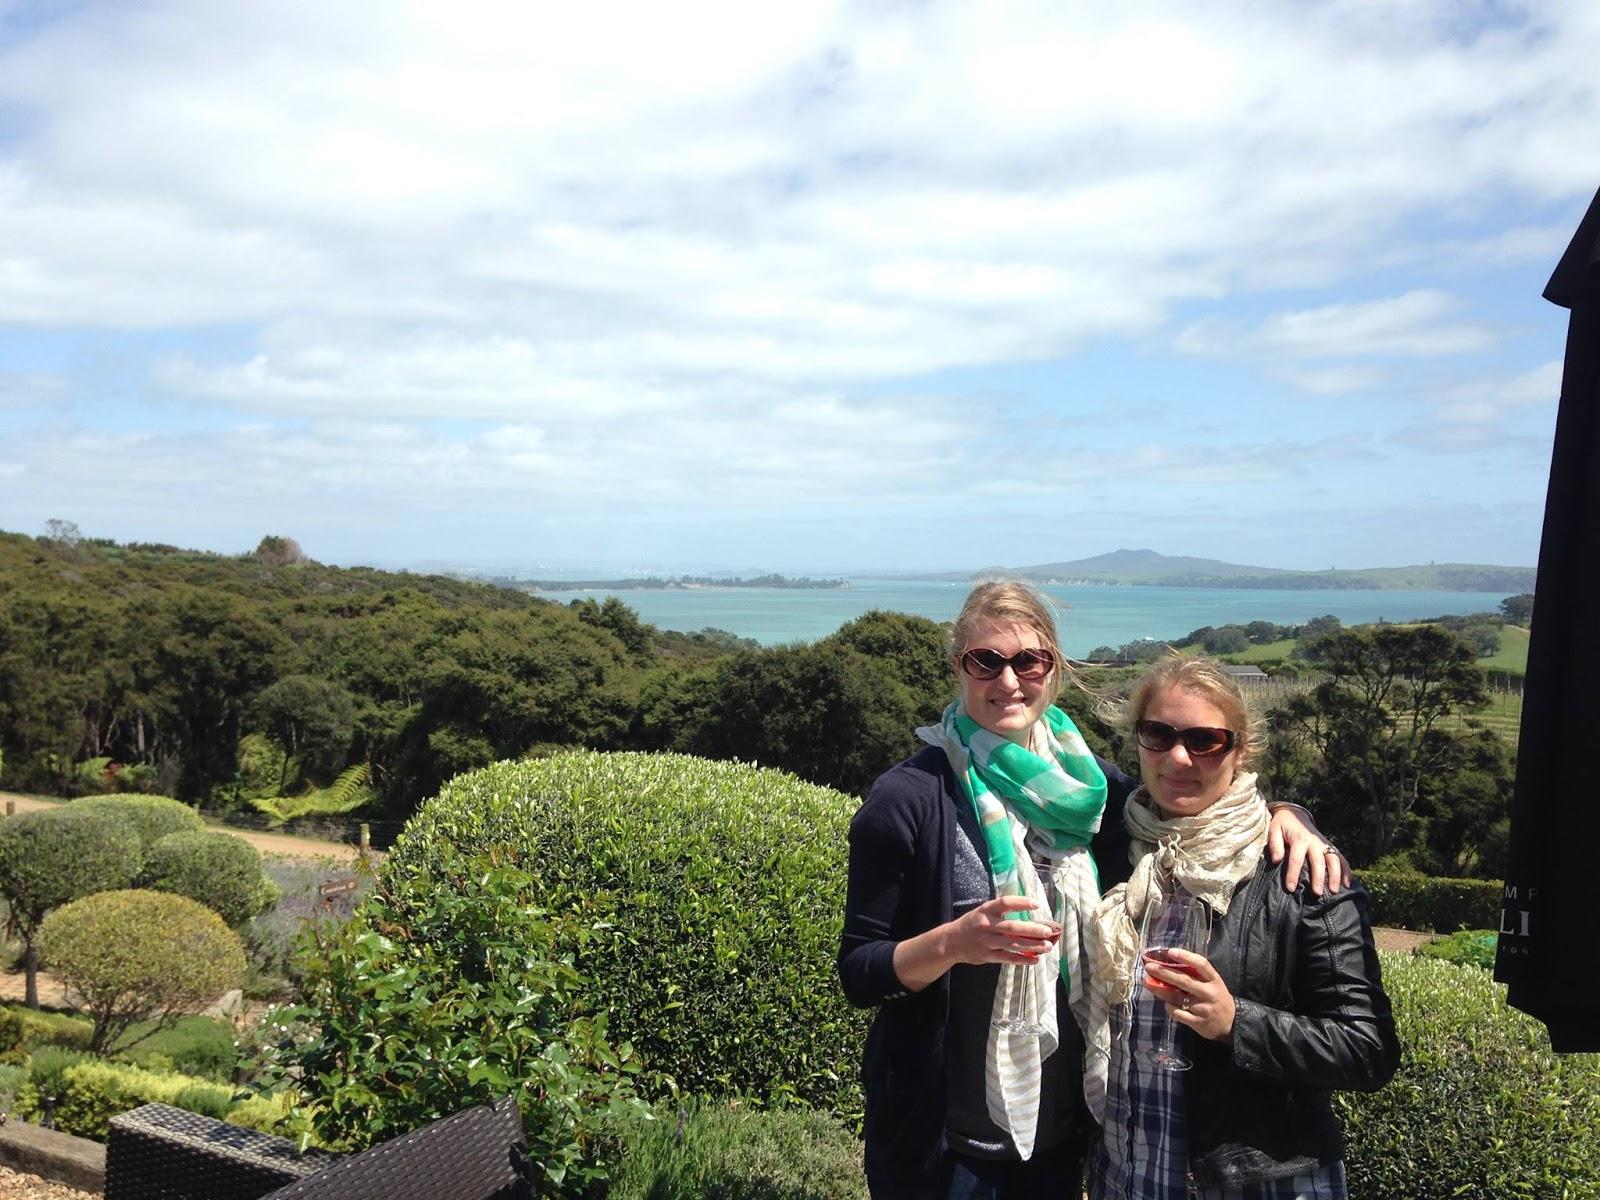 HANNAH DAVISON (LEFT) & SARAH LEOV (RIGHT), WAIHEKE ISLAND, NZ